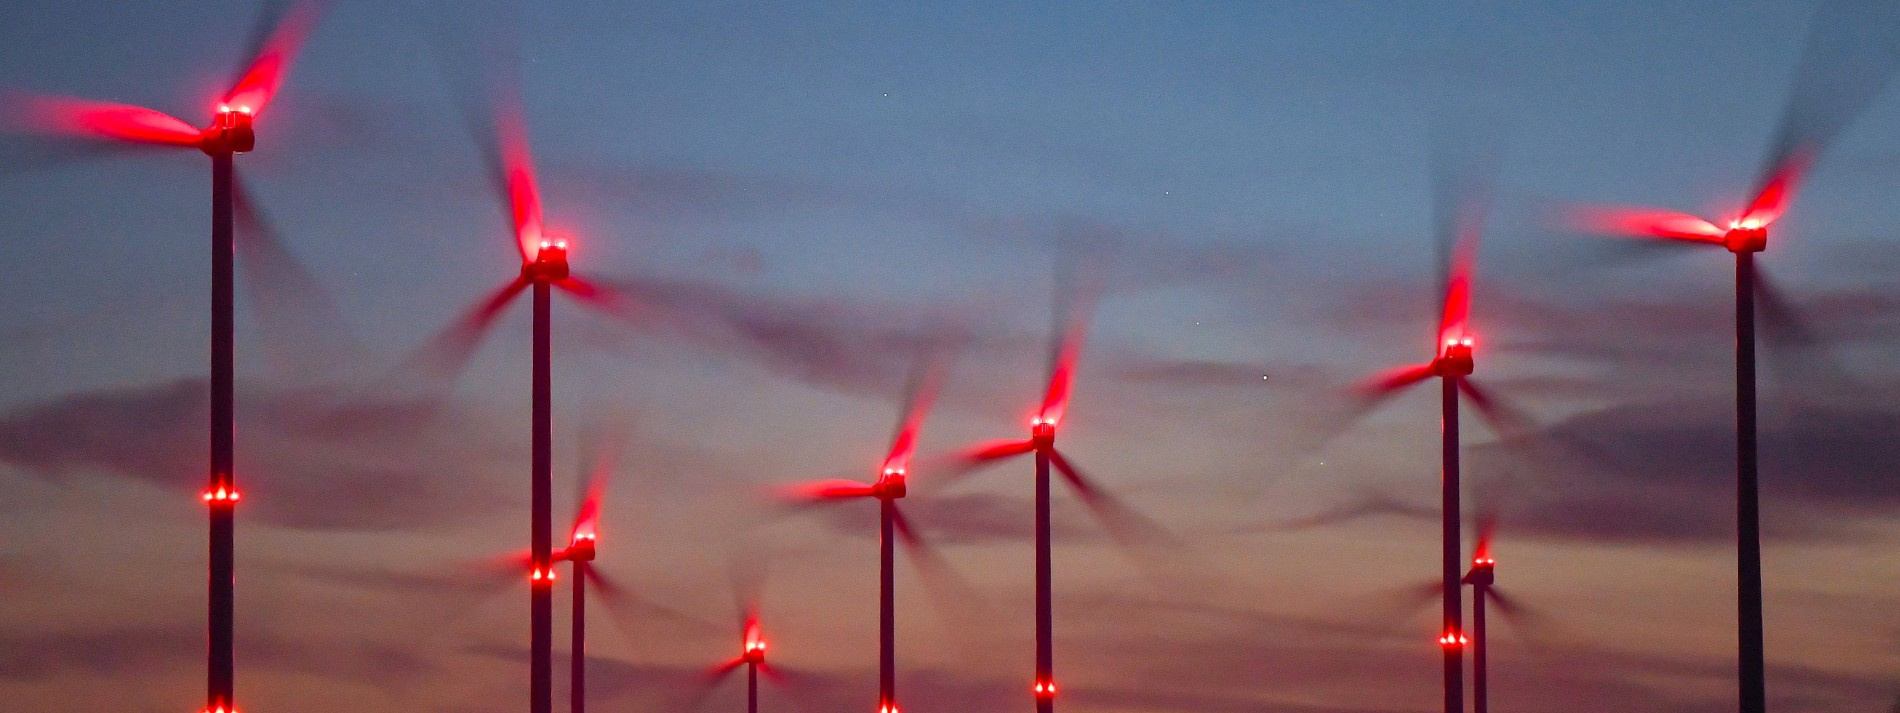 Wagniskapitalgeber für Klimaschutz